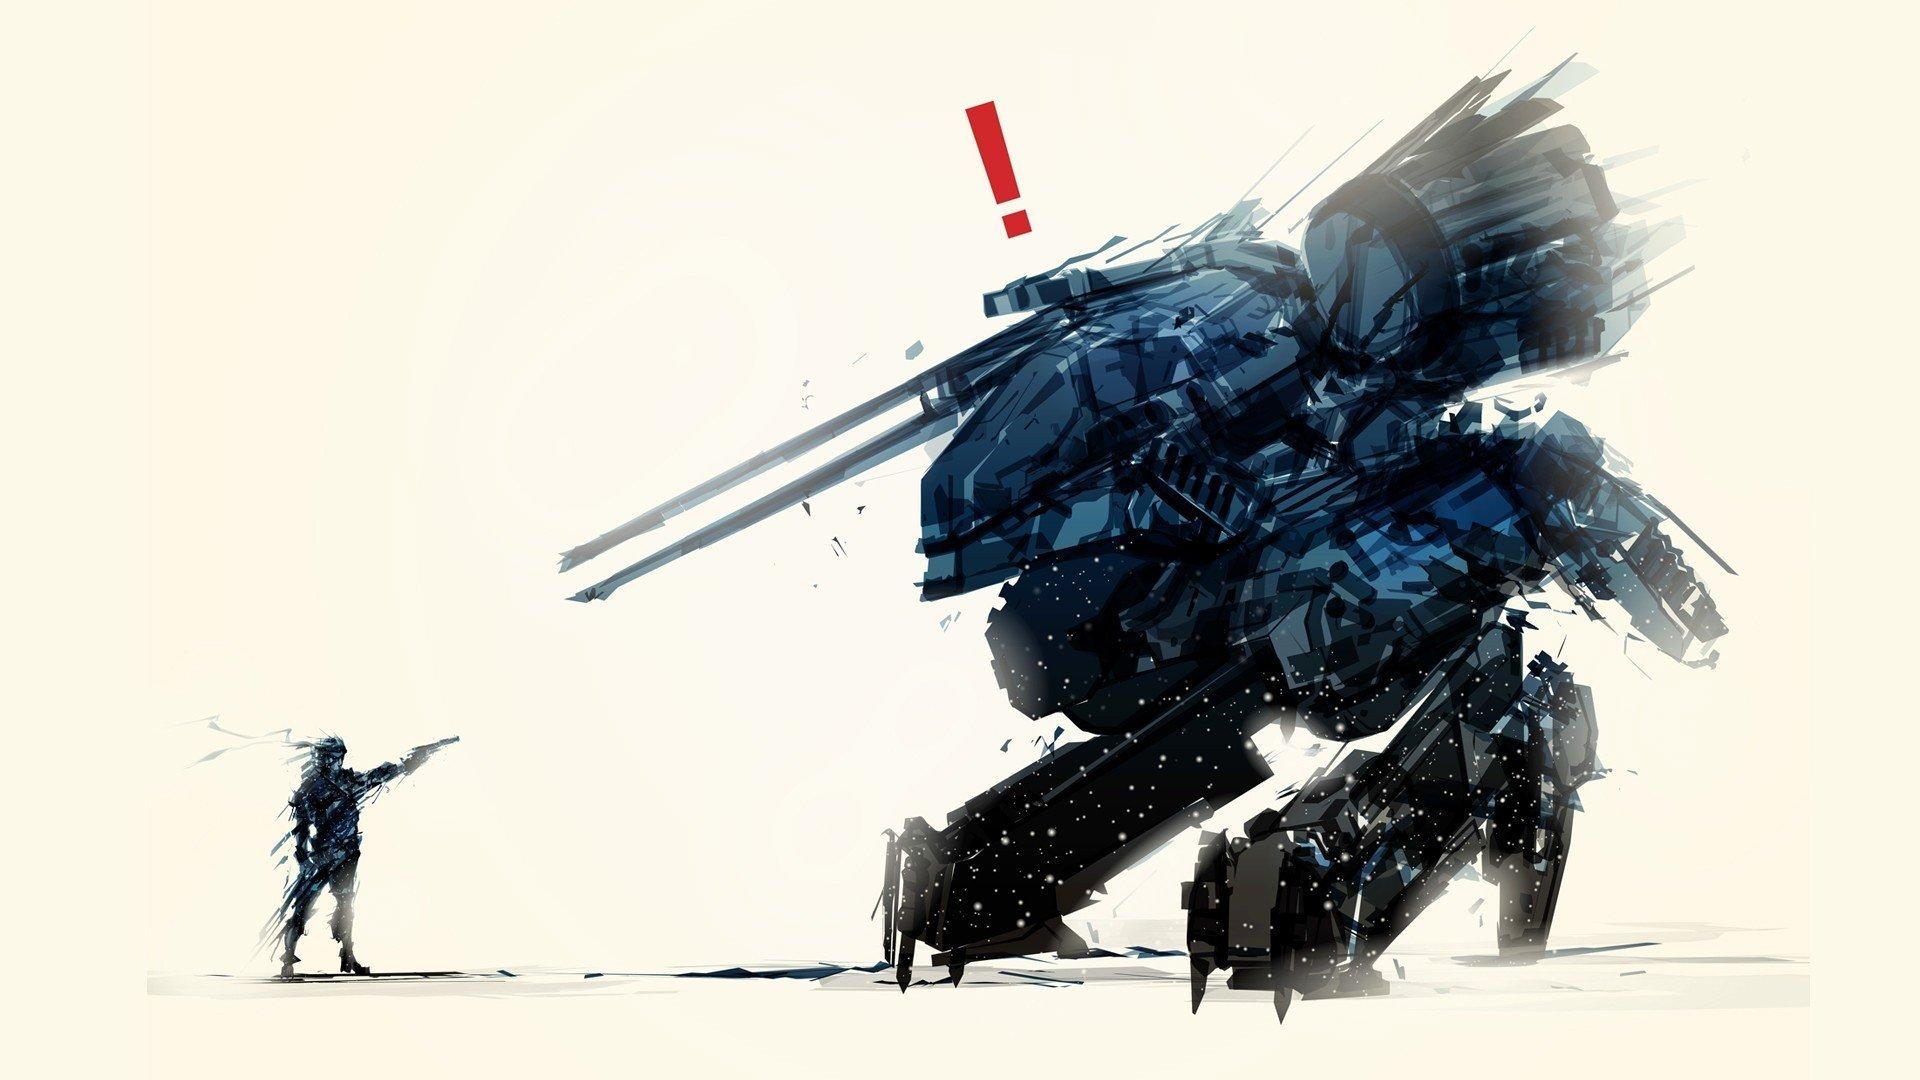 Metal Gear Solid Wallpaper Comp